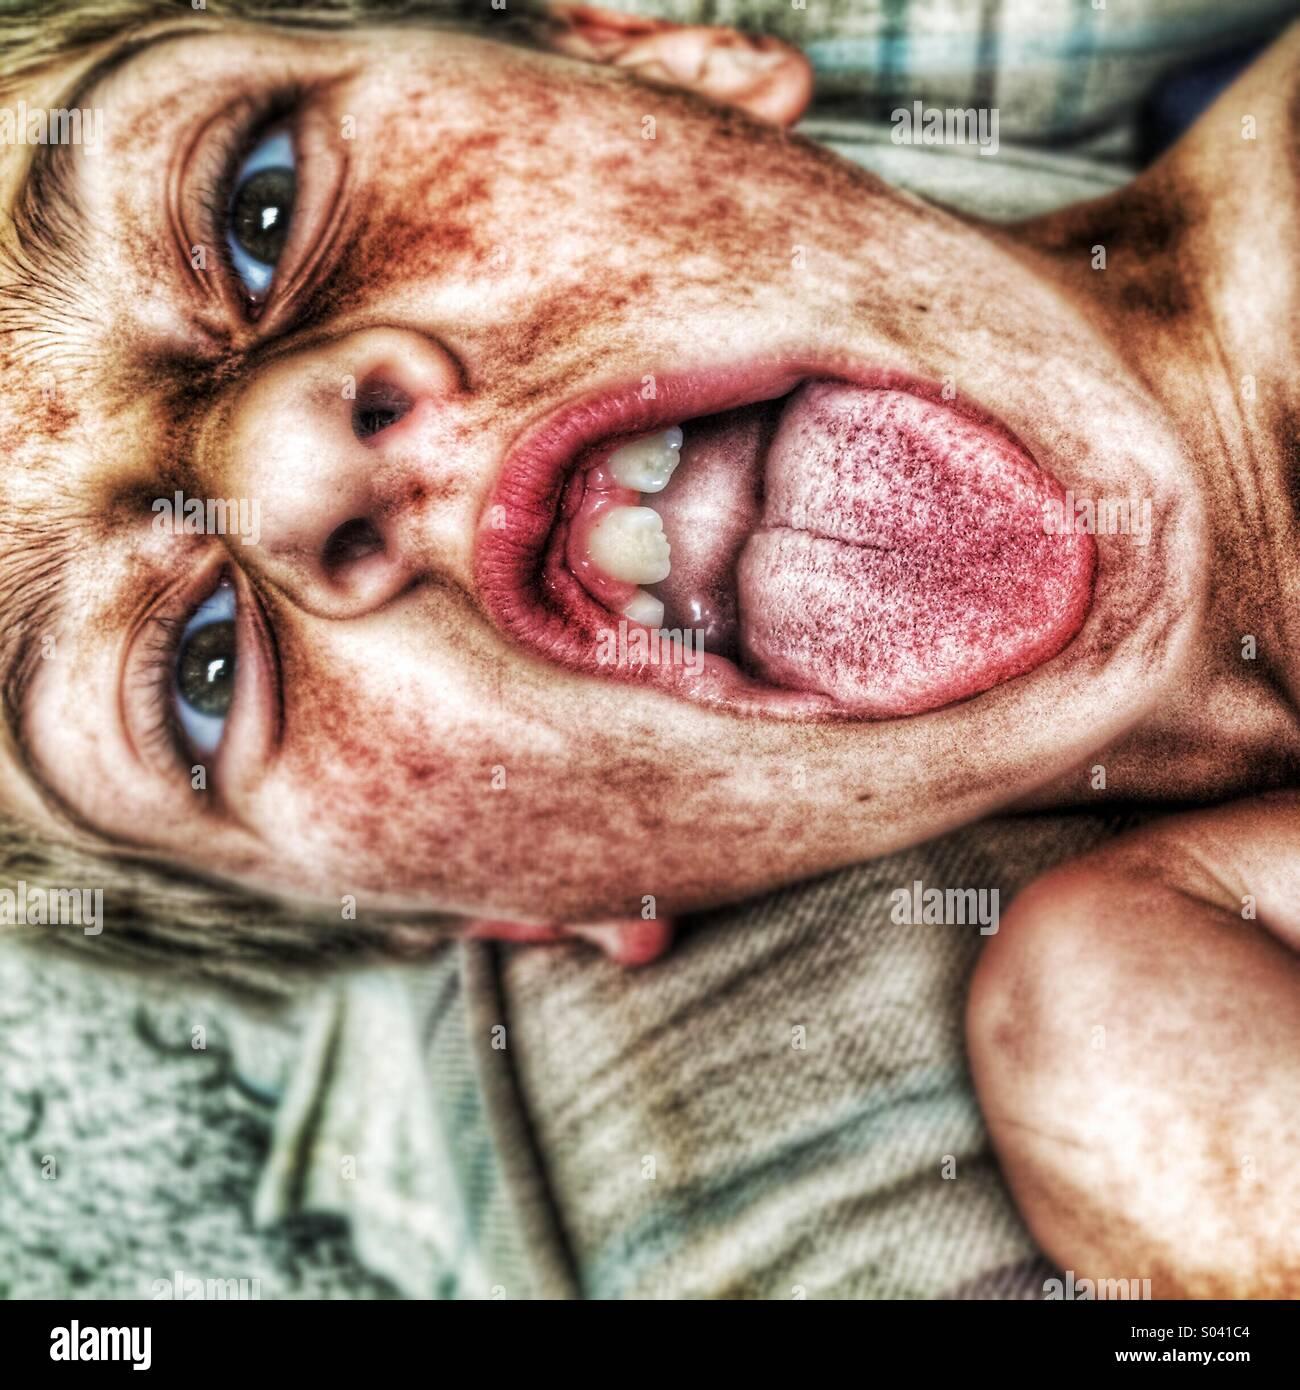 Un niño con su lengua fuera ! Imagen De Stock